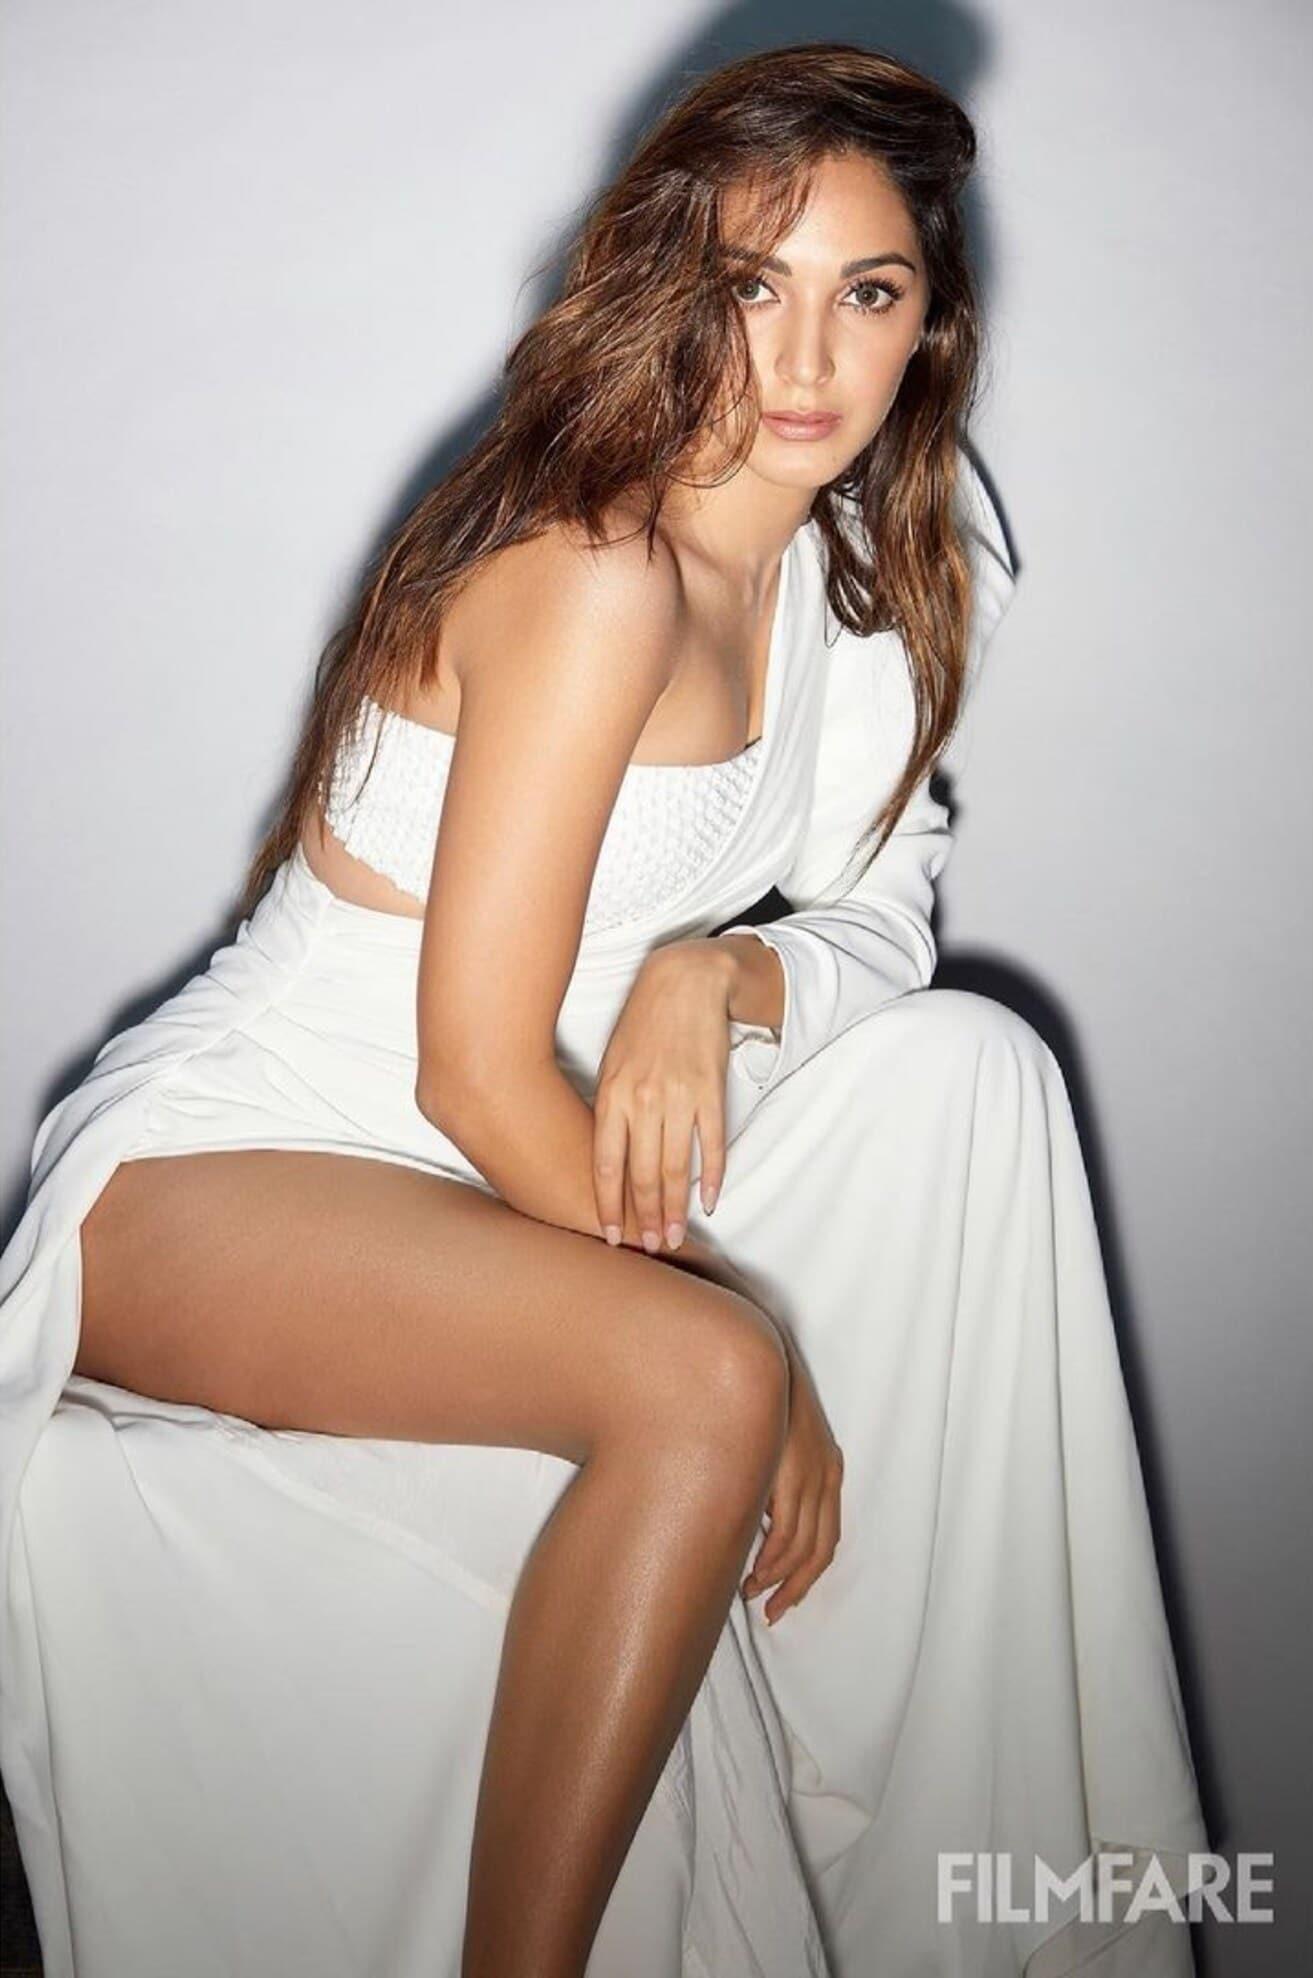 நடிகை கியாரா அத்வானி ( Image :Instagram @kiaraaliaadvani)